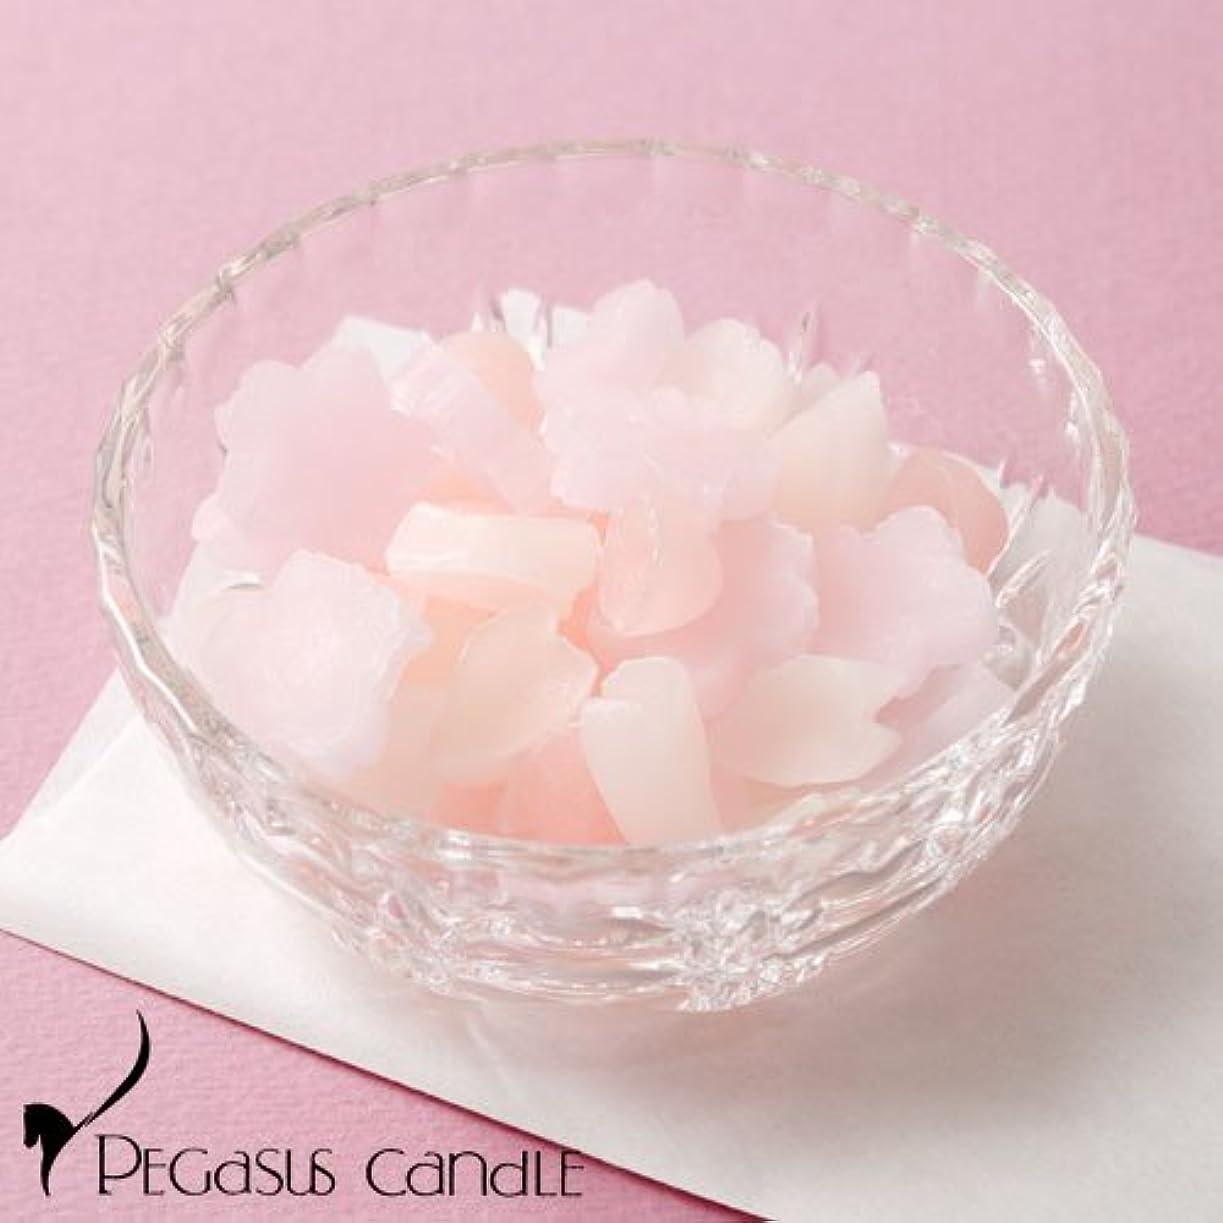 できない抱擁テロさくらのかおりガラス器付きの桜の芳香剤ペガサスキャンドルSakura fragrance